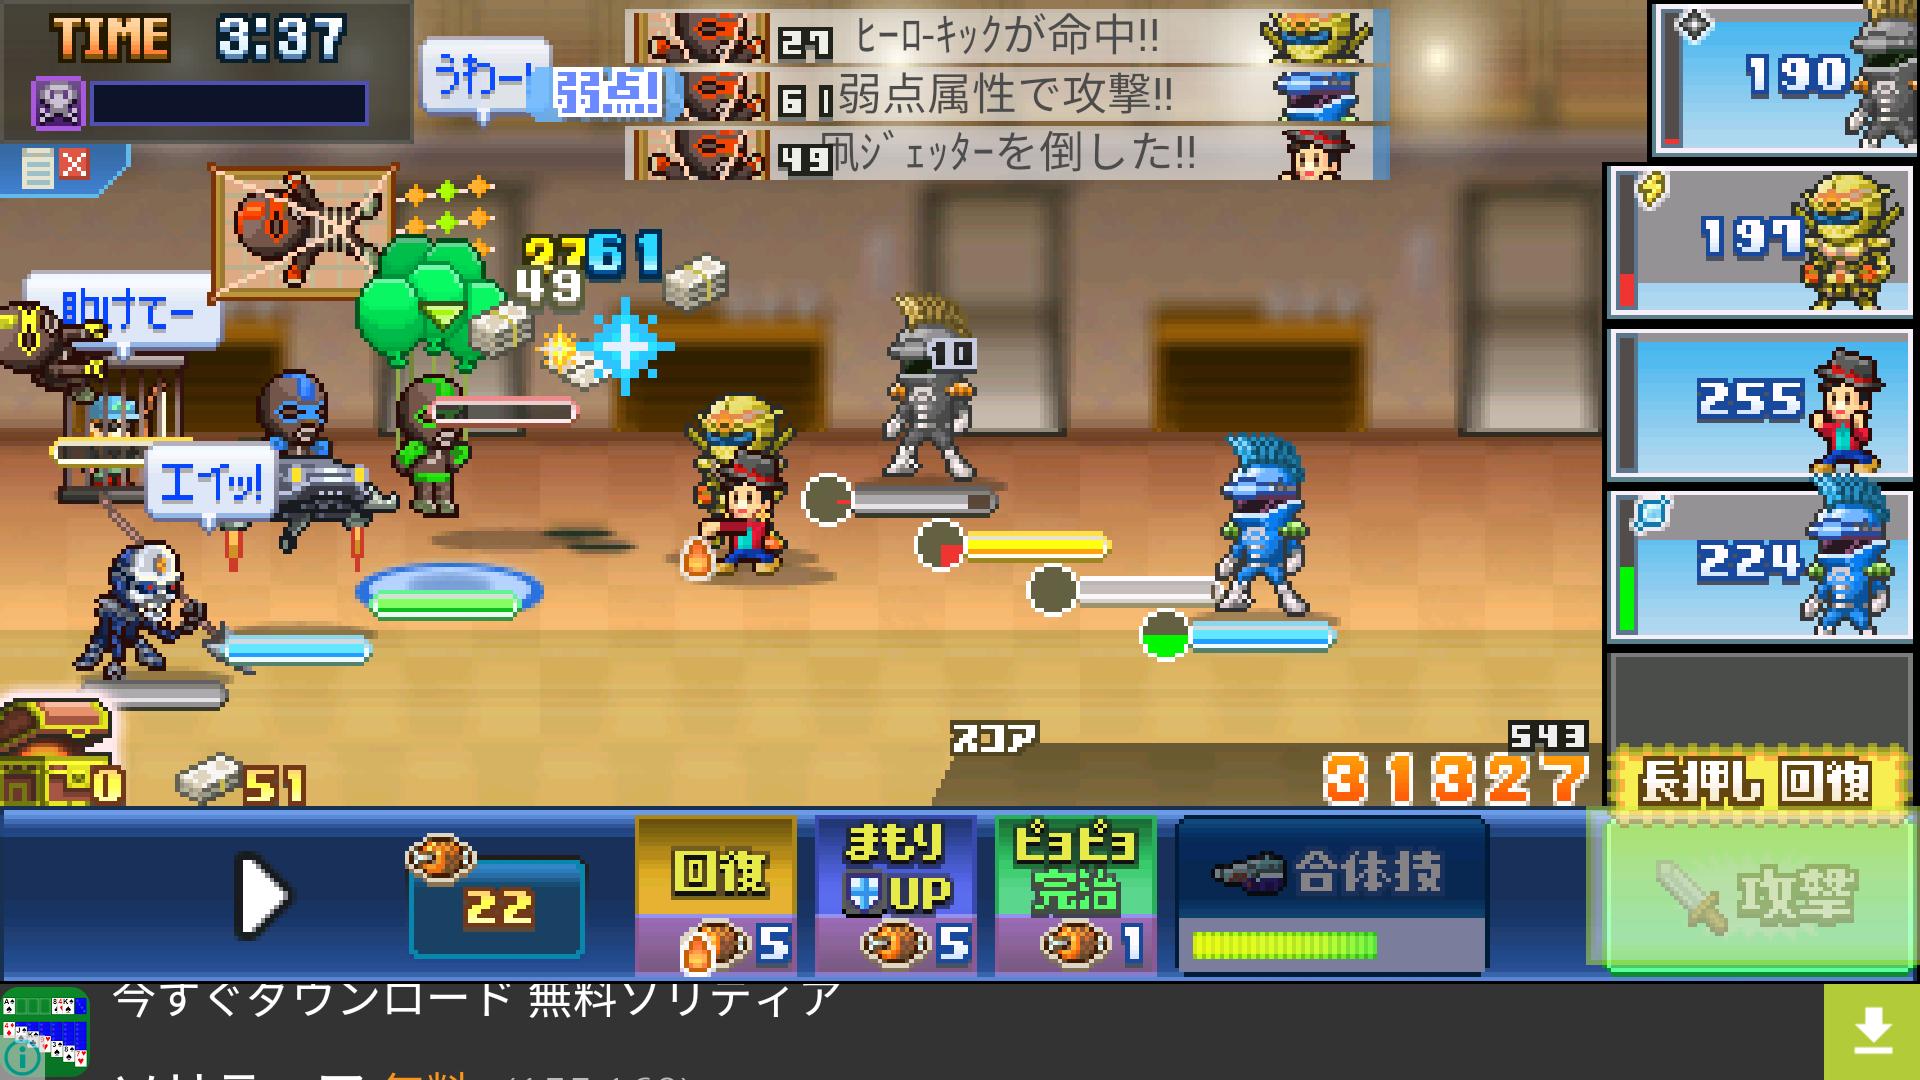 発進!!ヒーロー基地 androidアプリスクリーンショット1